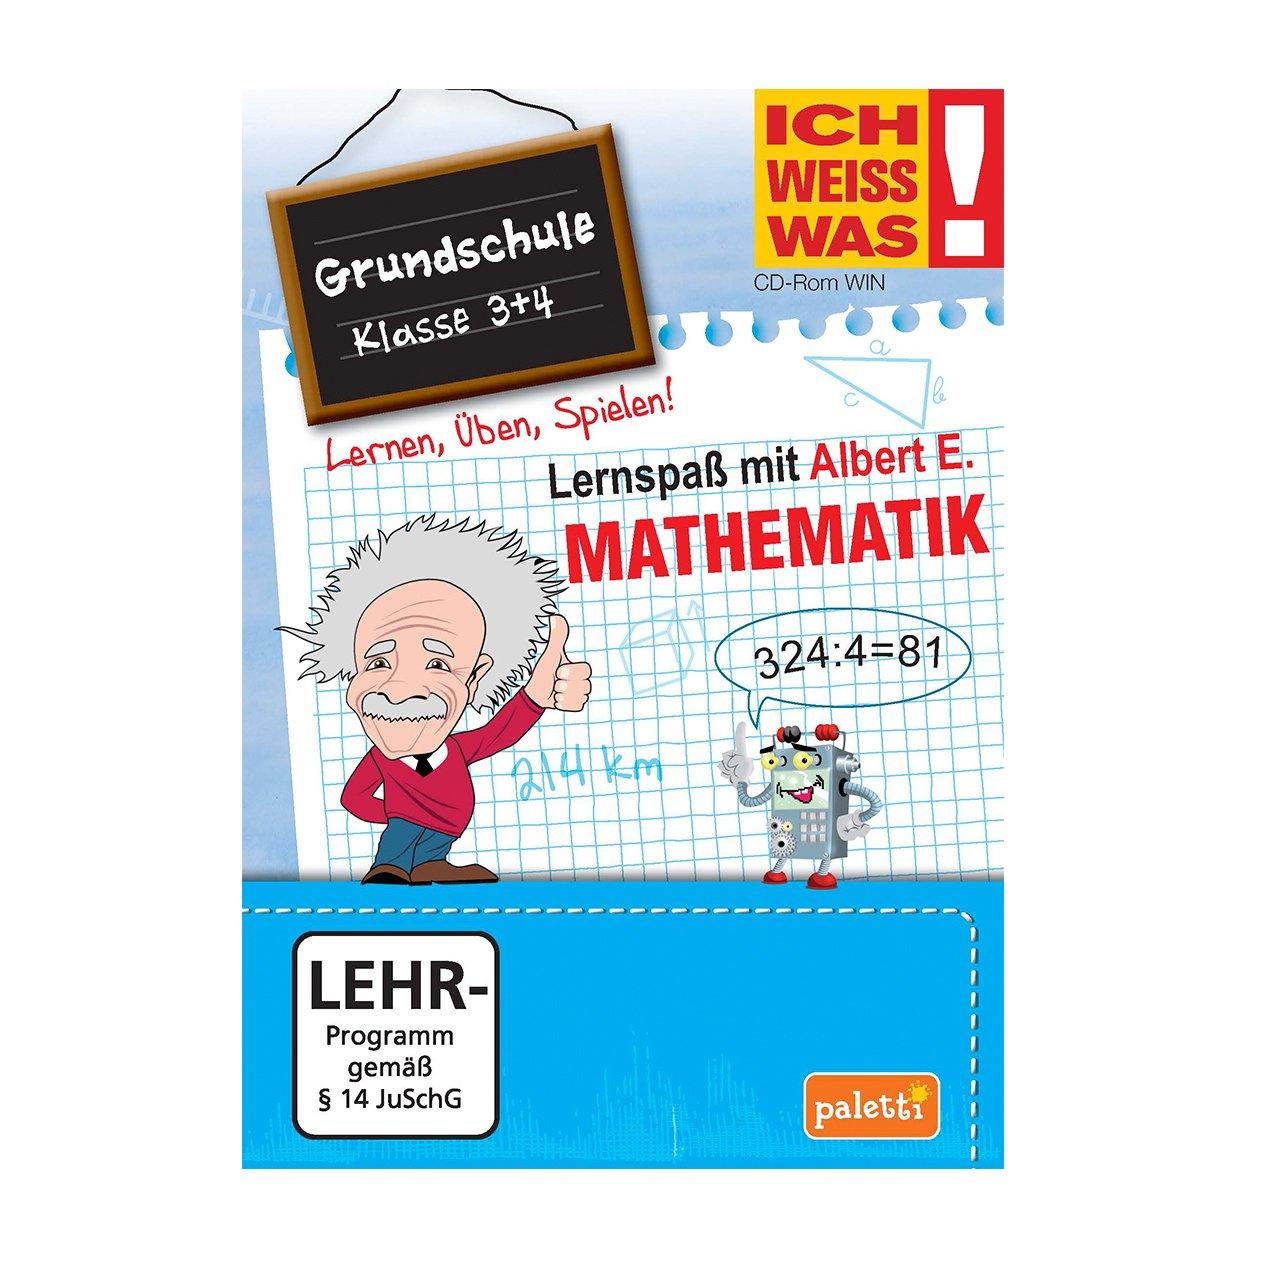 Ich weiss was!: Mathematik - Grundschule Klasse 3 + 4 - Lernspaß mit ...